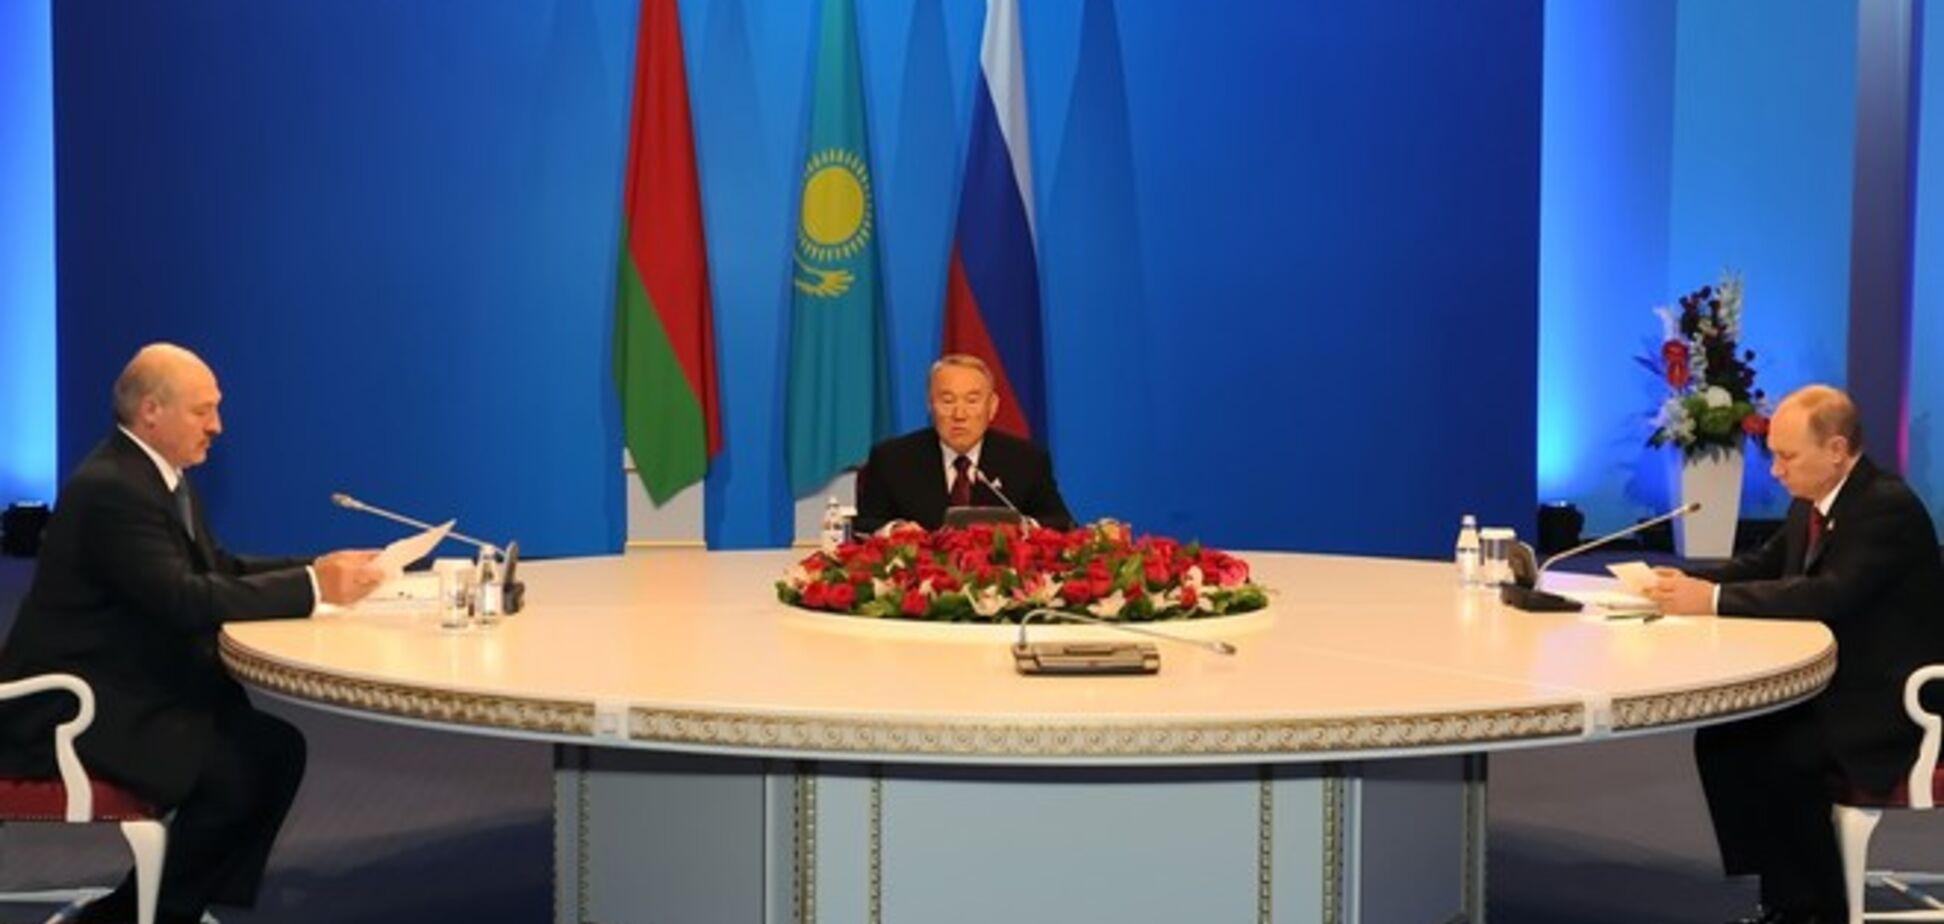 Госдума РФ ратифицировала договор о Евразийском экономическом союзе